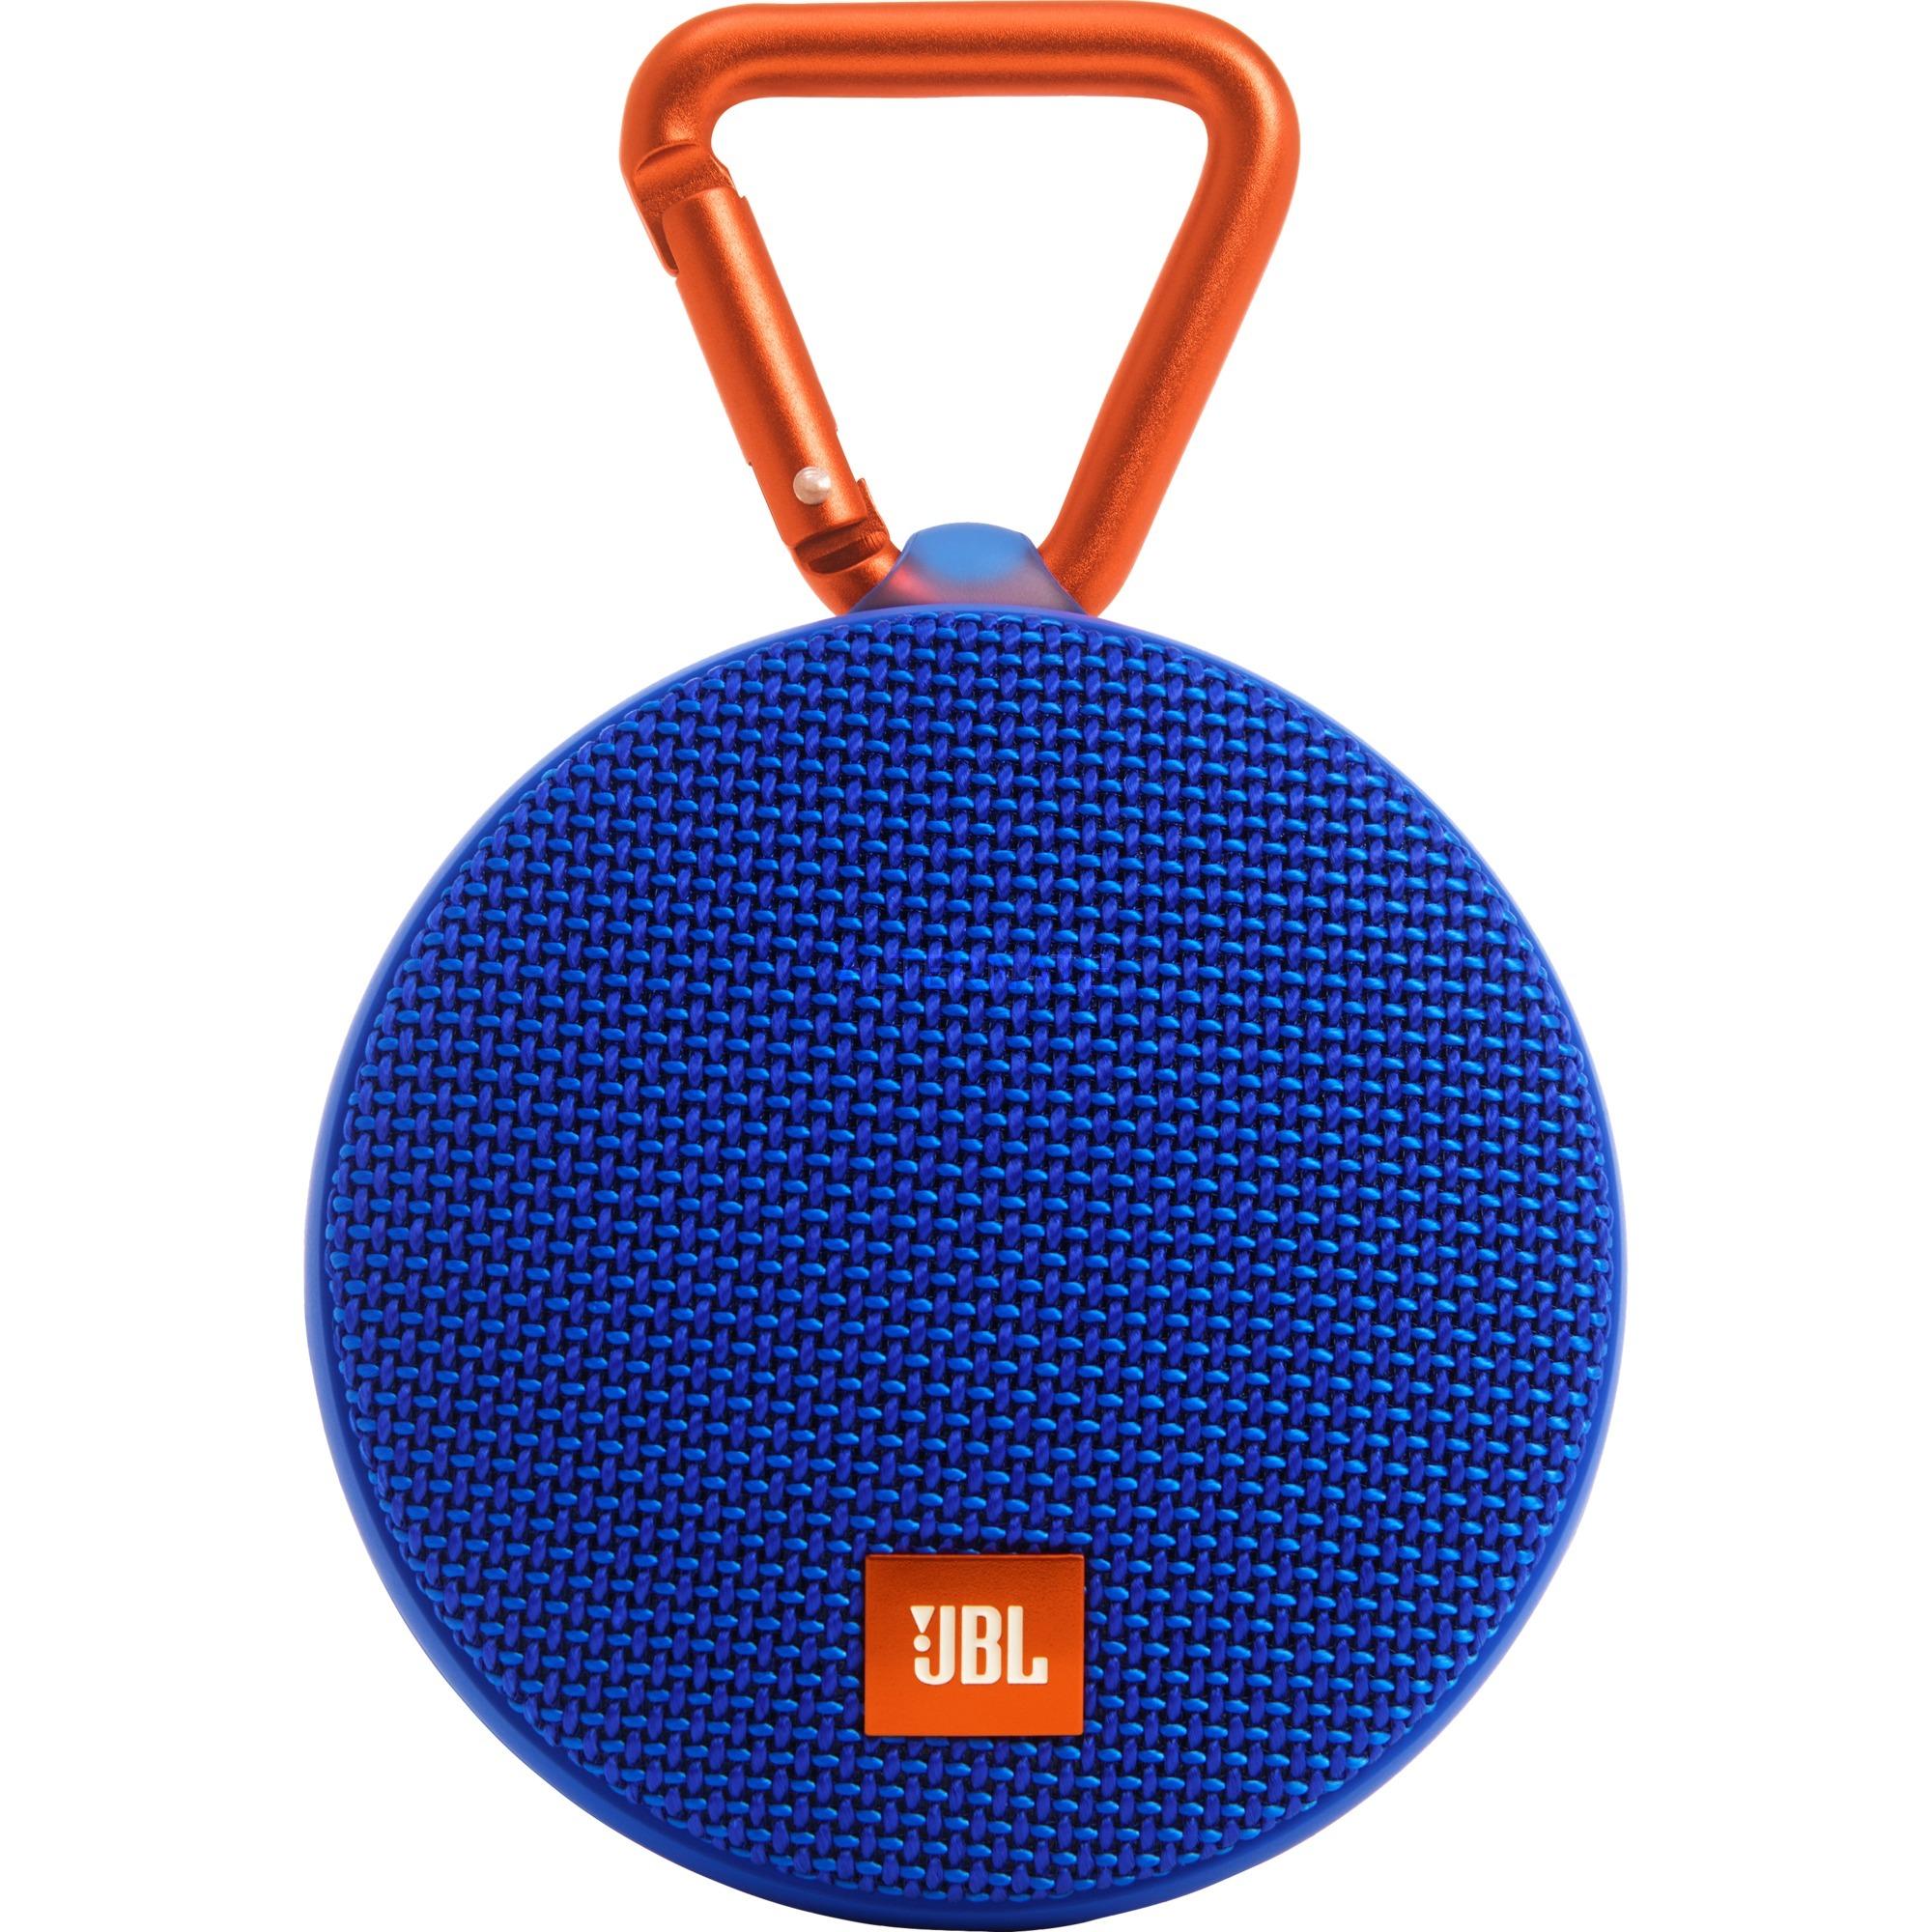 Clip 2 Mono portable speaker 3W Azul, Naranja, Altavoz